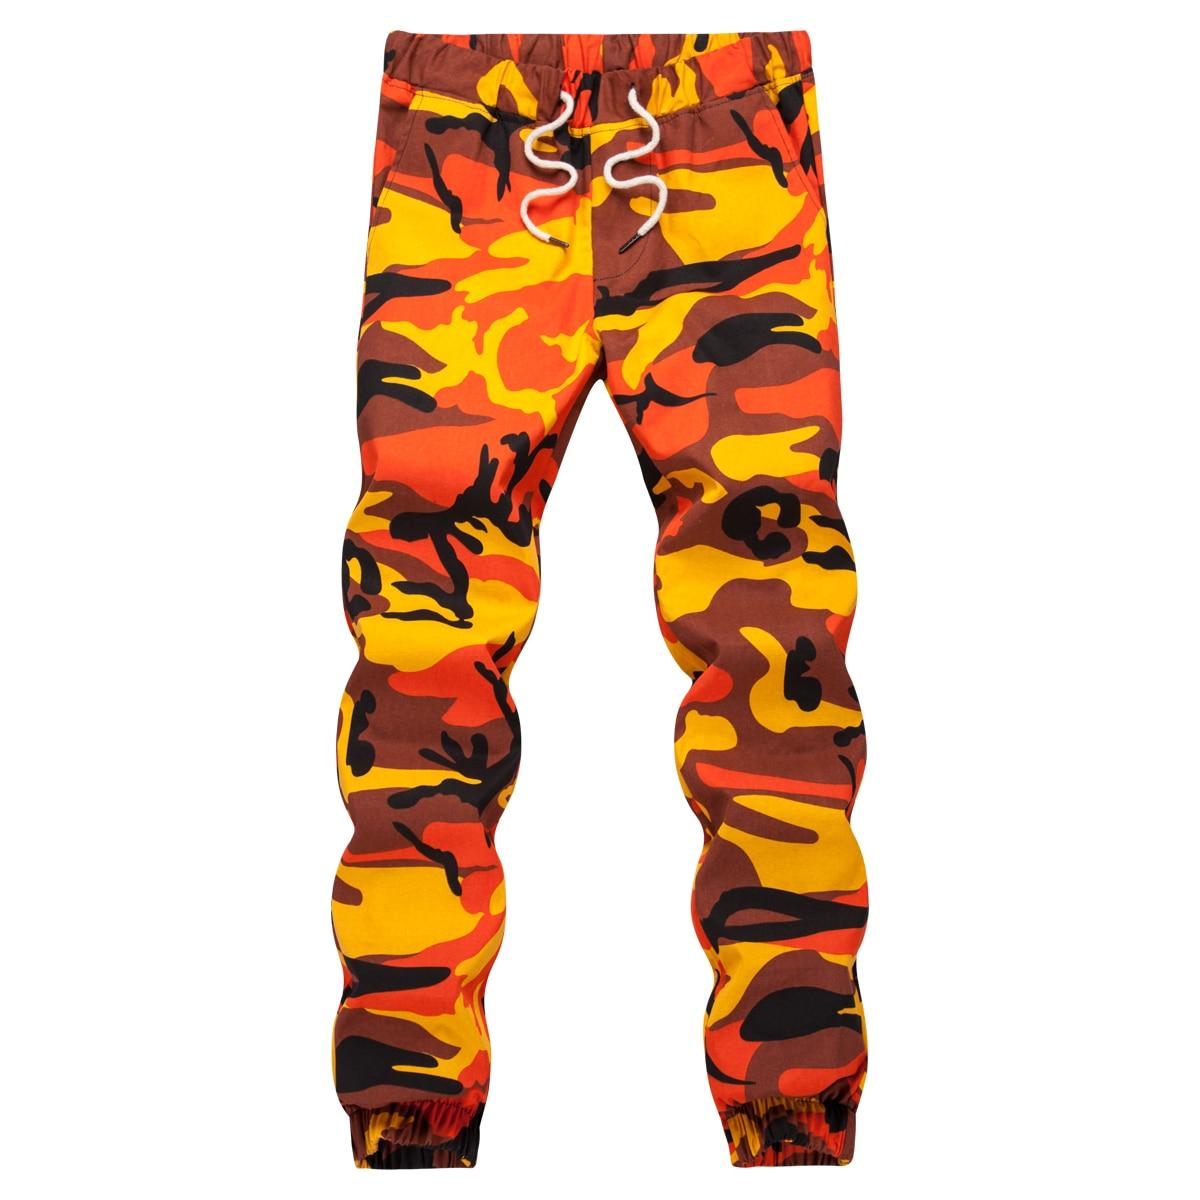 Ins Orange Camouflage Jogger Pants Men Hip Hop Woven Casual Pants Tactical Military Trouser Pockets Cotton 2020 Sweatpants